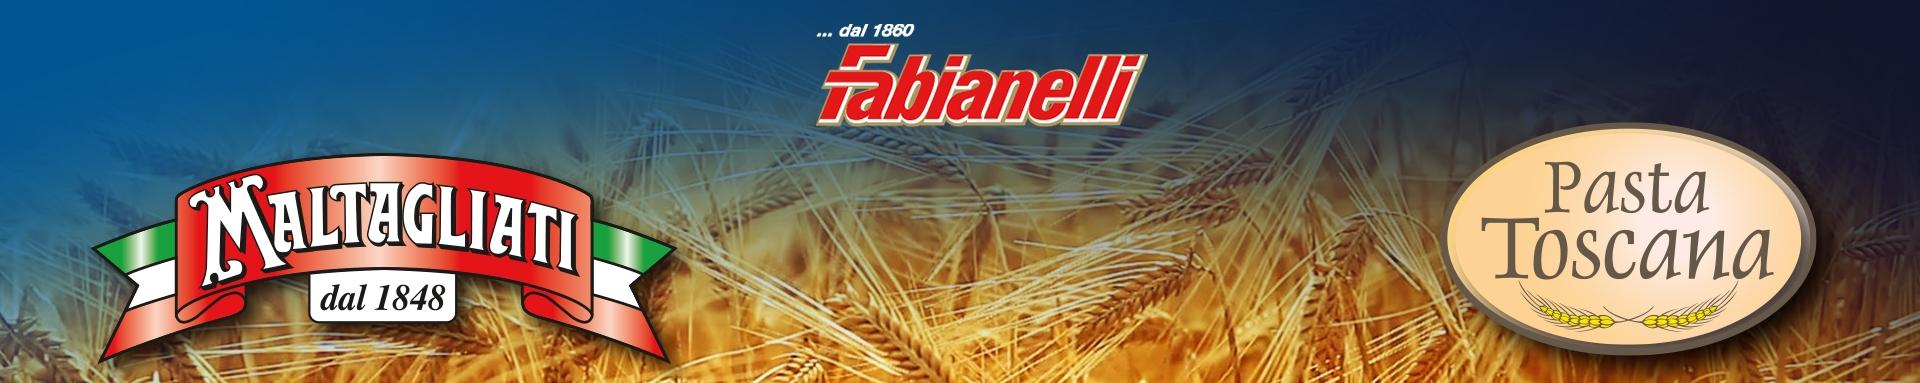 Фабианелли